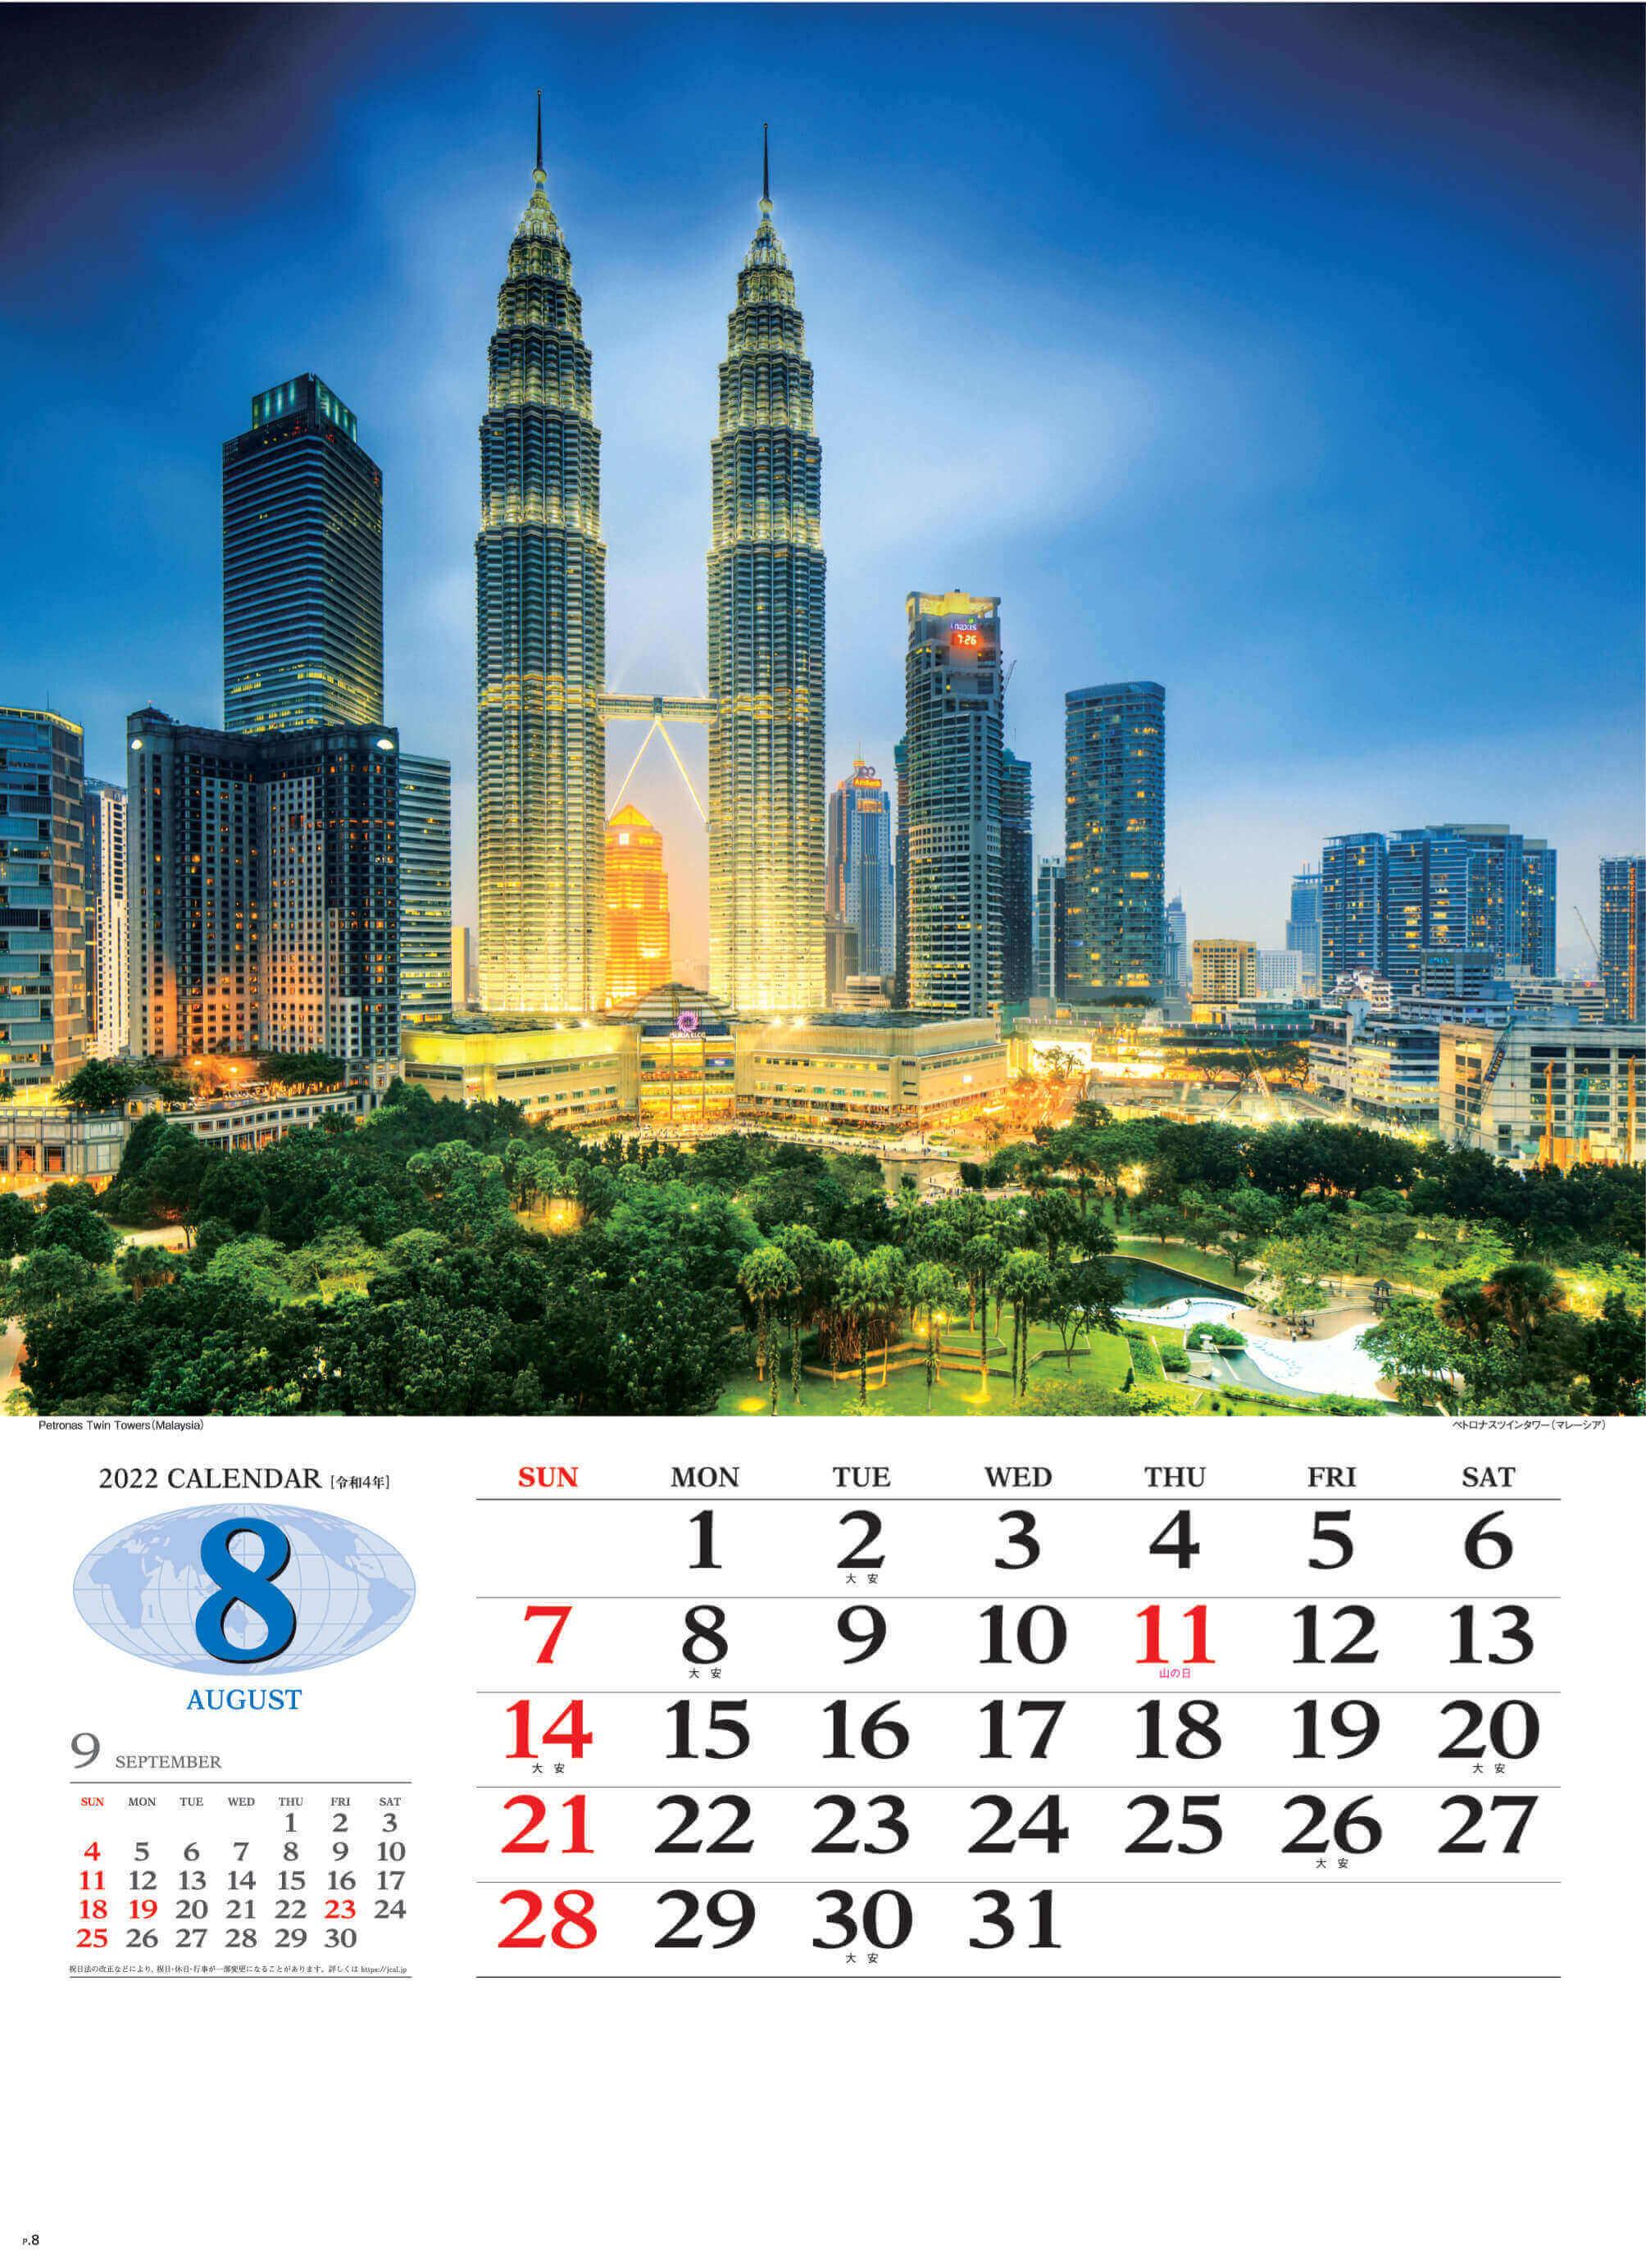 8月 ペトロナスツインタワー マレーシア 世界の景観 2022年カレンダーの画像